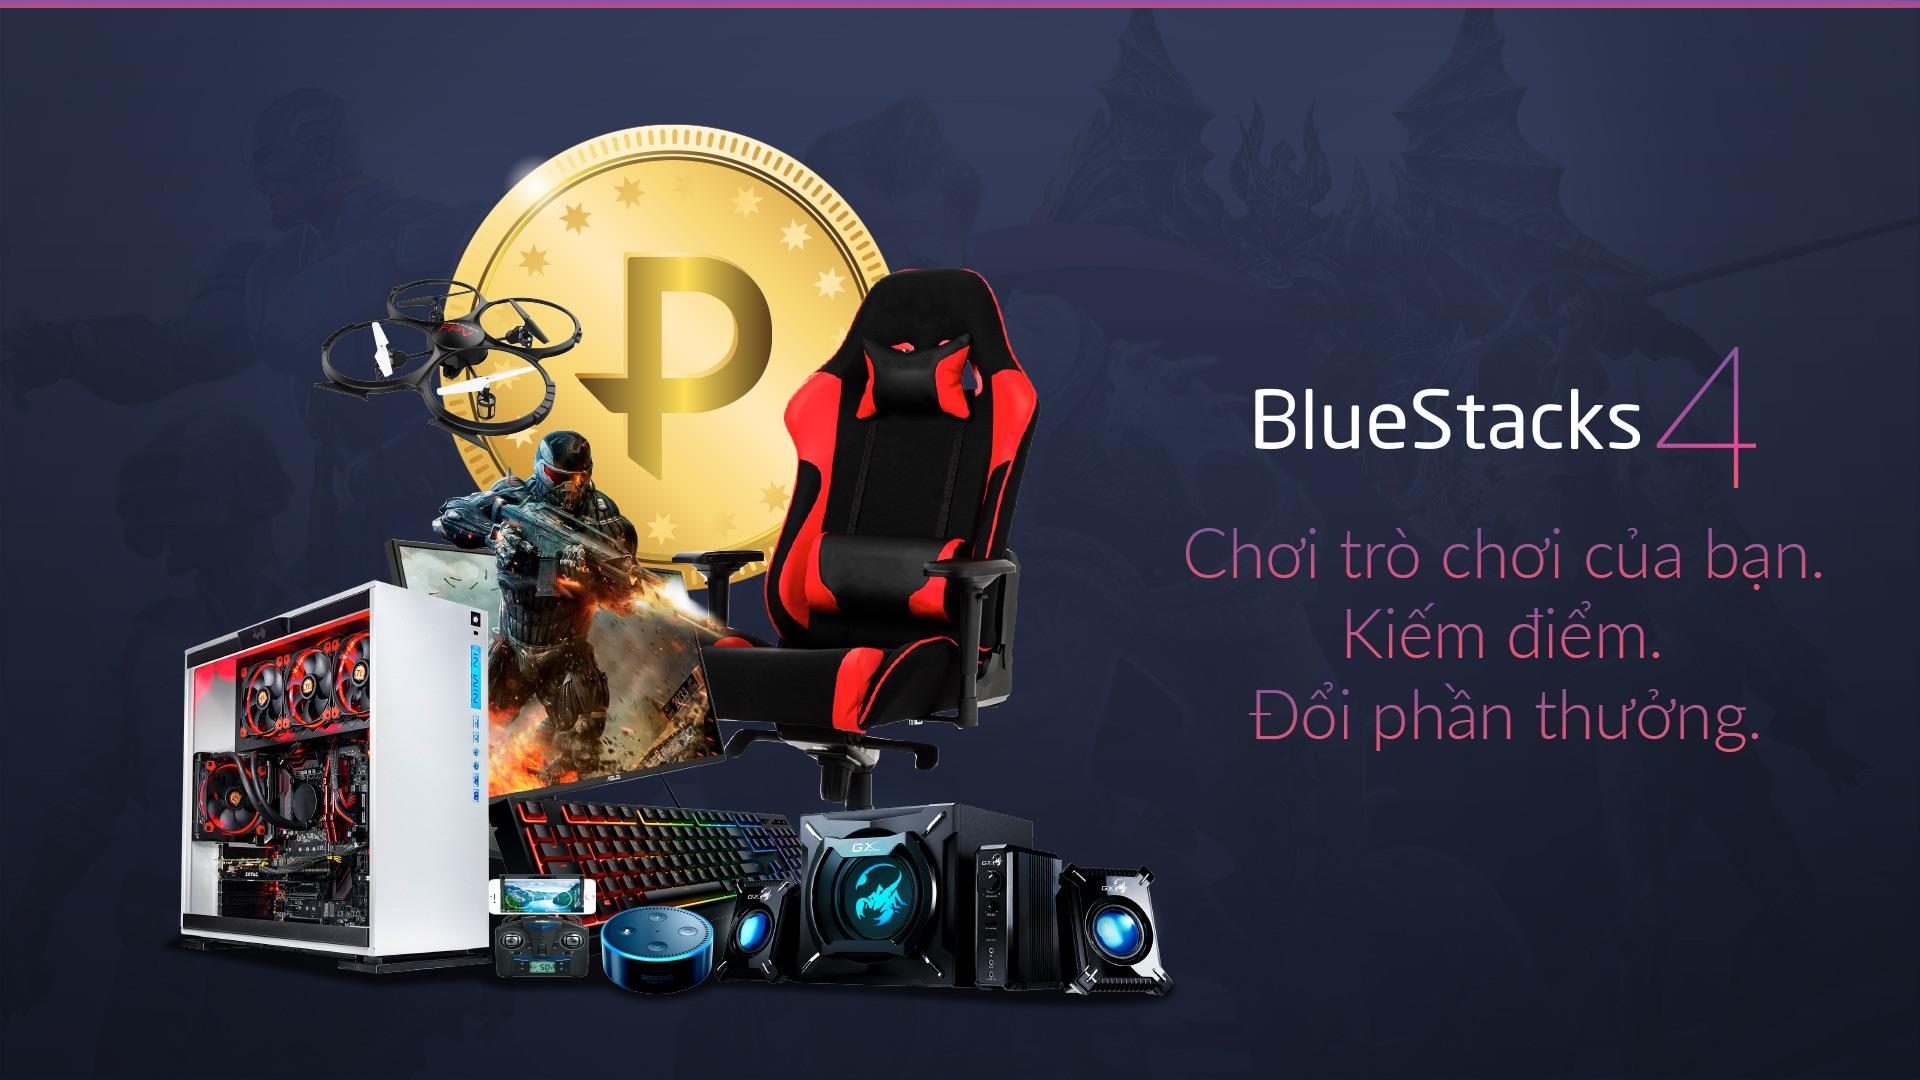 BlueStacks 4: 8 Cải tiến giúp game thủ chơi game Android hoàn hảo nhất